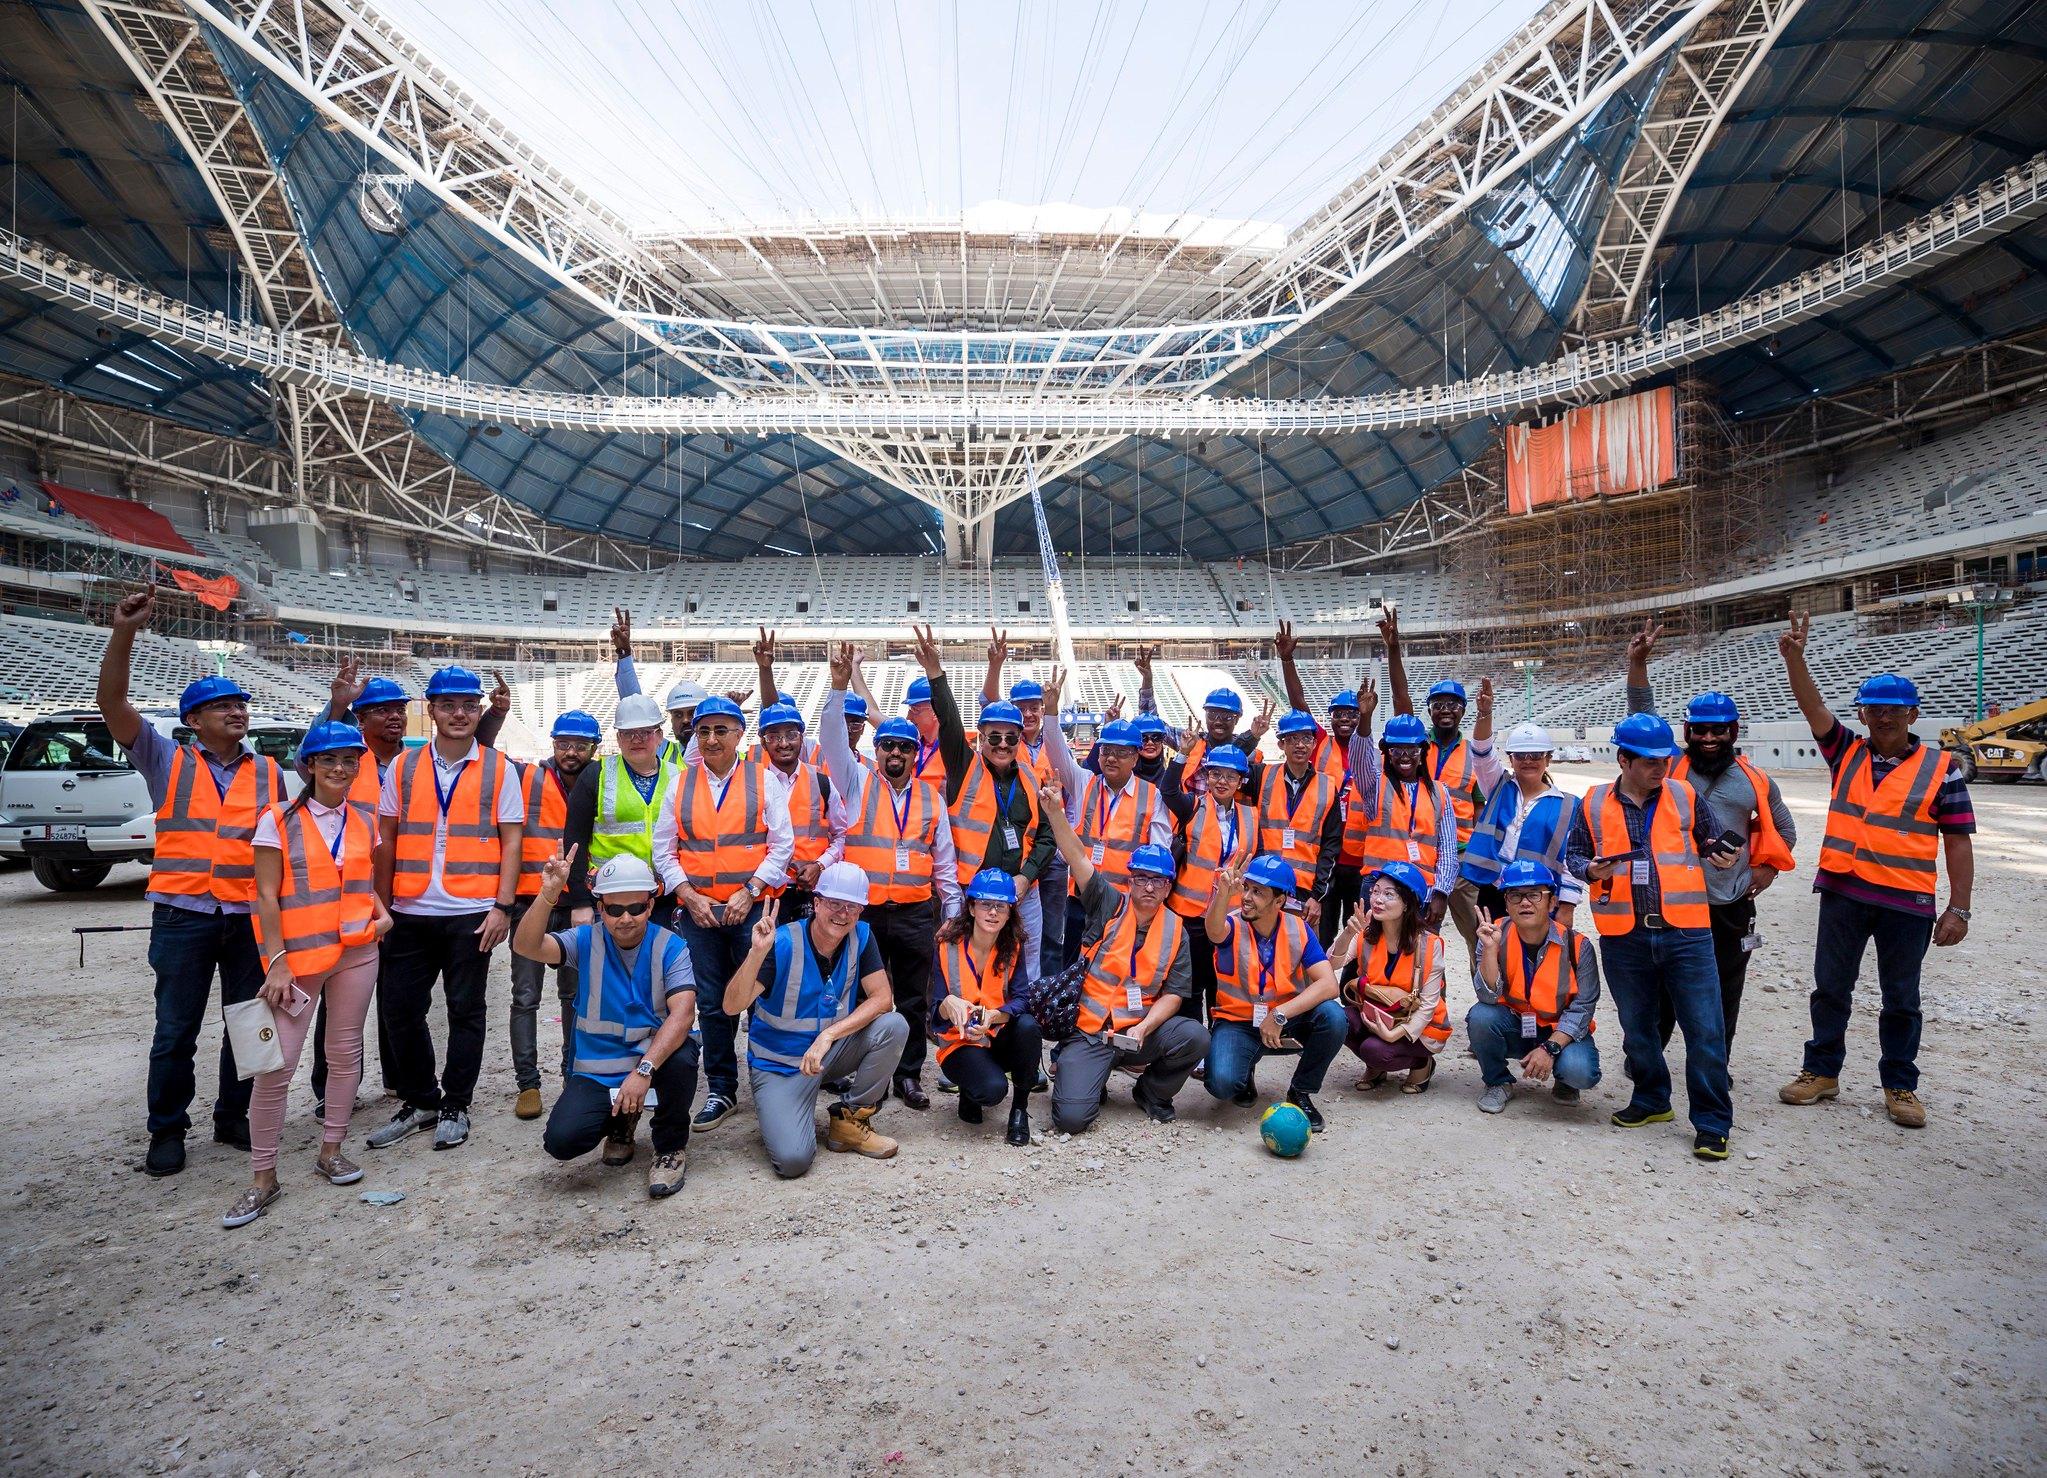 Al Wakrah Al Wakrah Stadium 45 120 2022 Fifa World